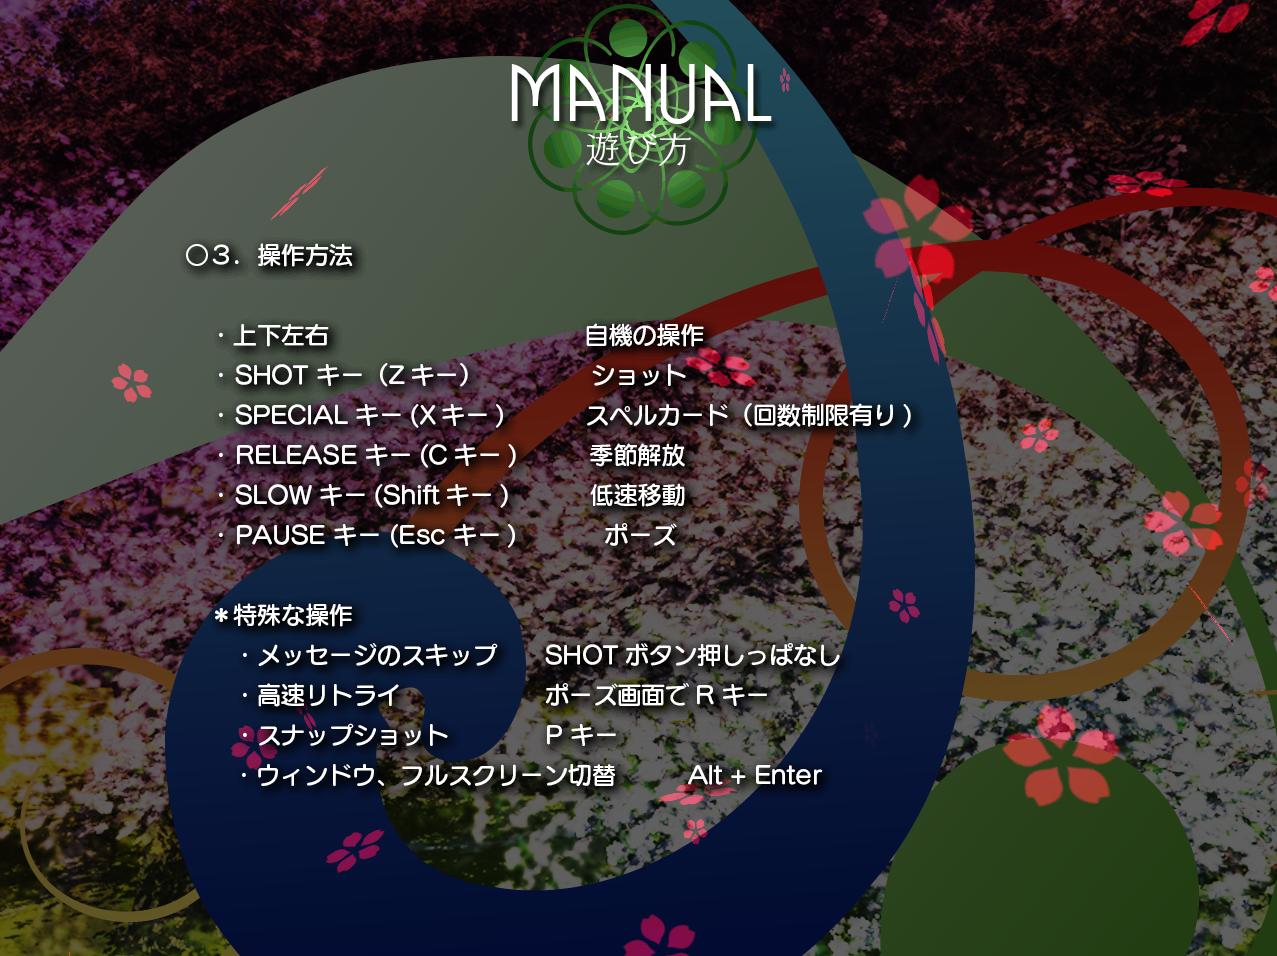 manual1.png